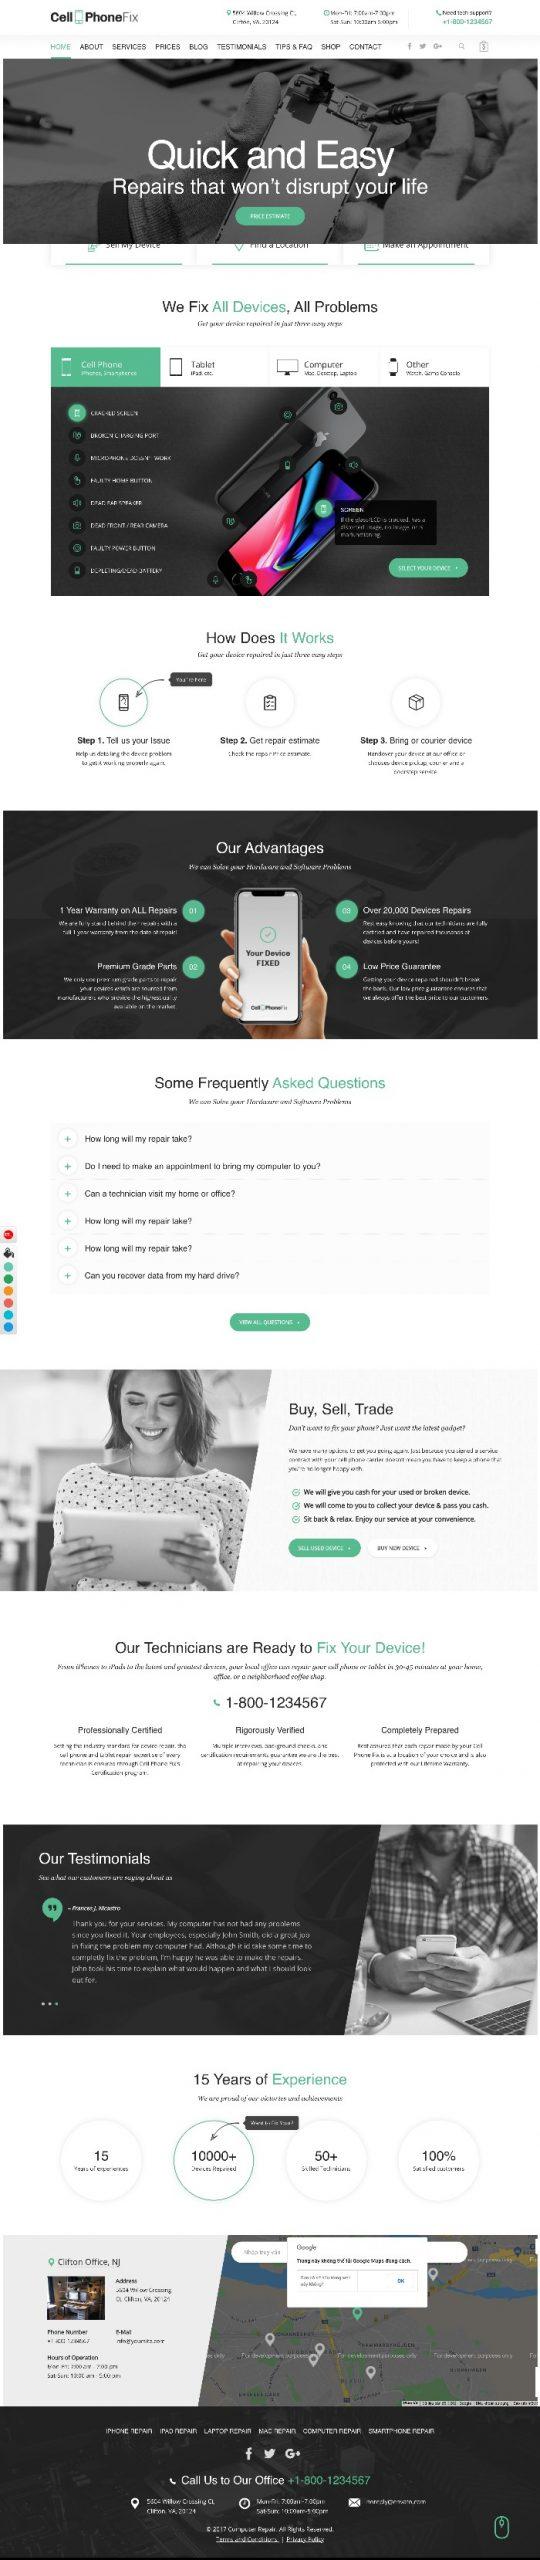 Mẫu Website Giới Thiệu Dịch Vụ Sửa Chữa Điện Thoại Cellphone Fix